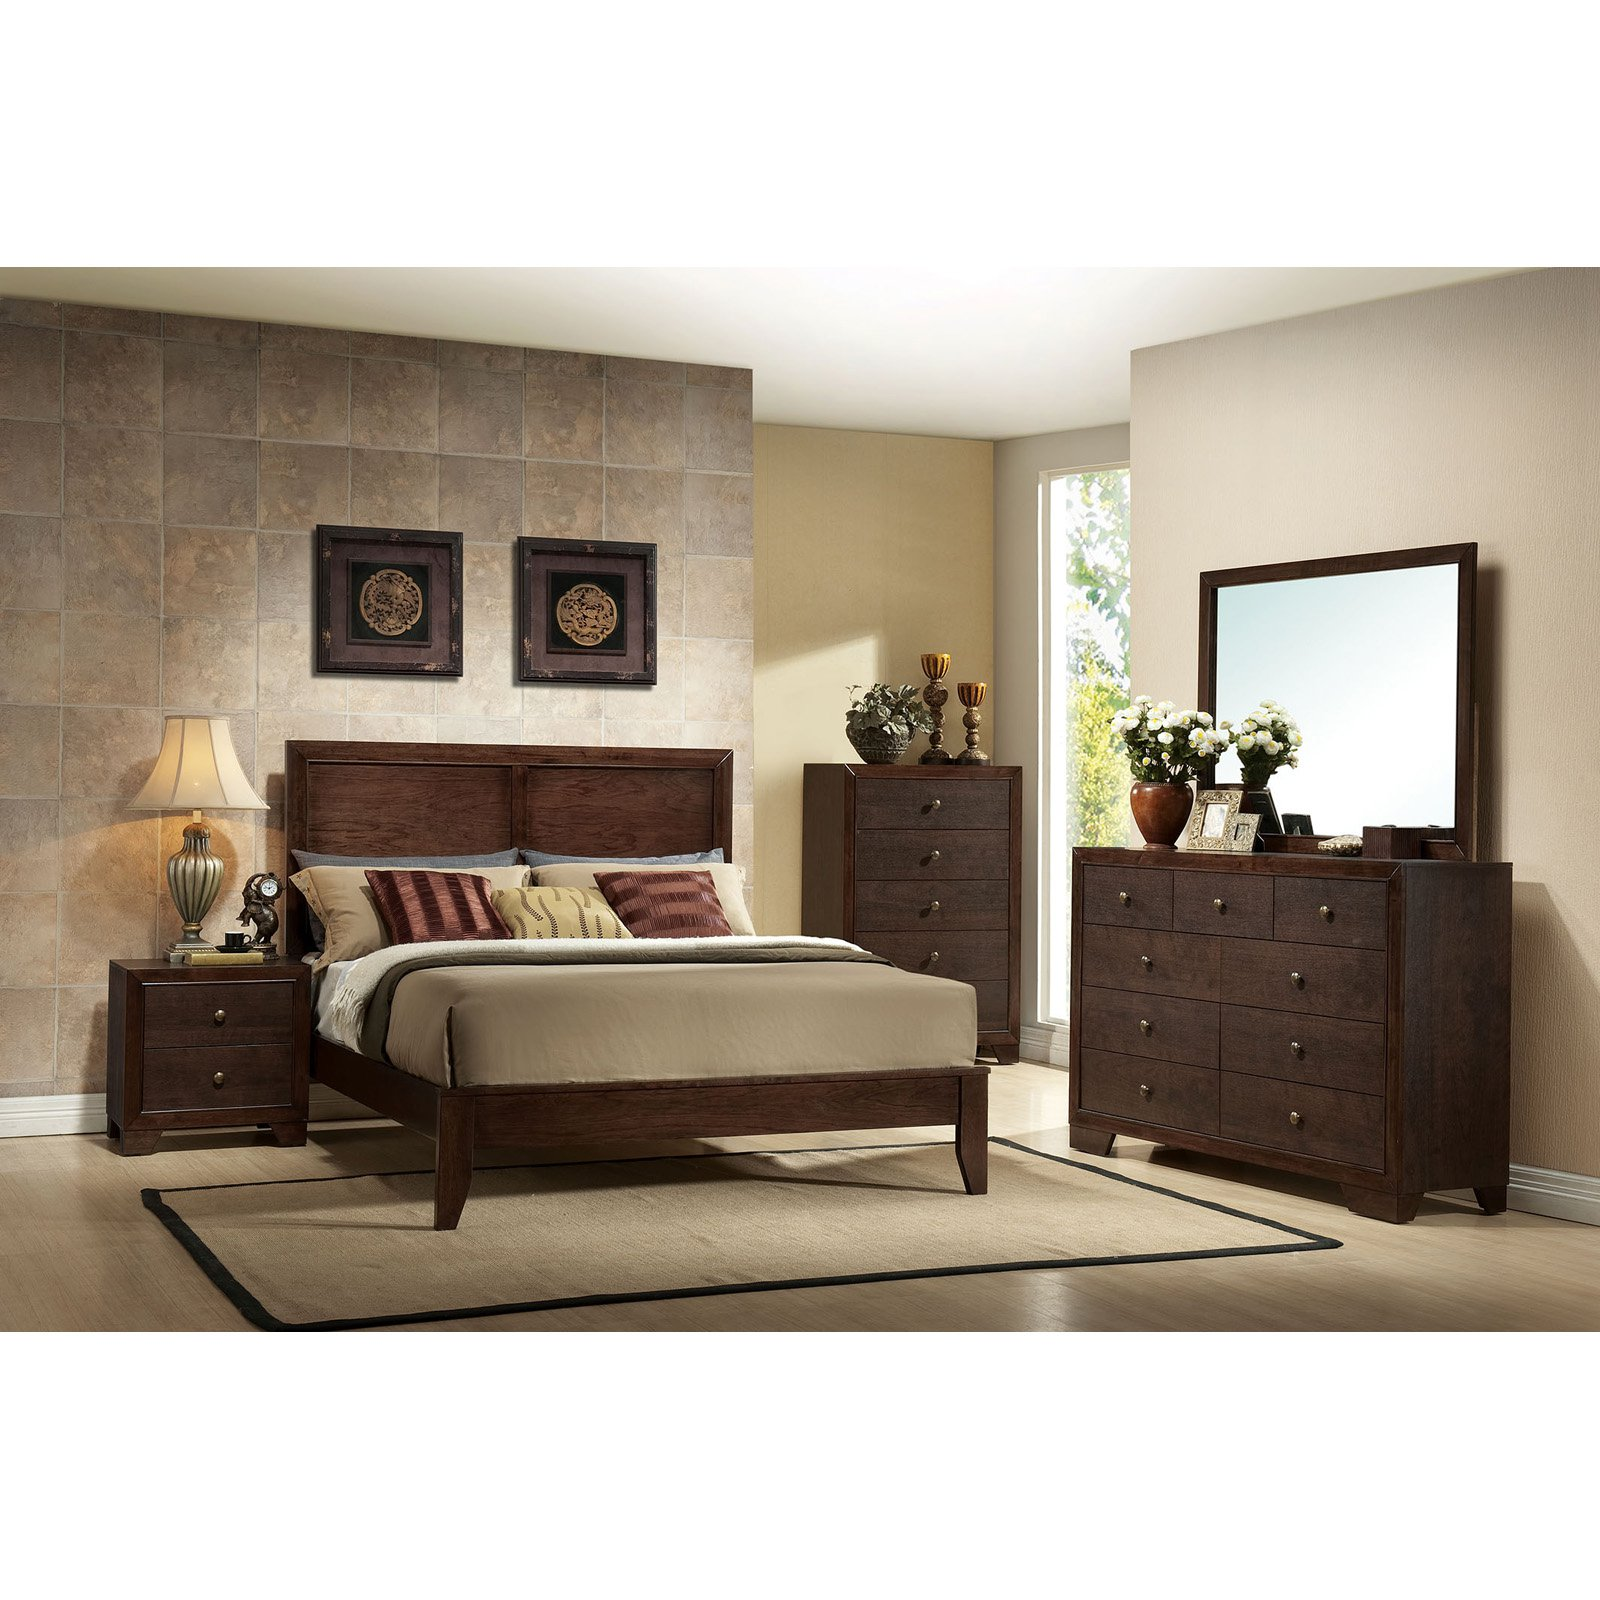 Panel bed platform bedframe bedroom sleeper new studio rubberwood queen espresso